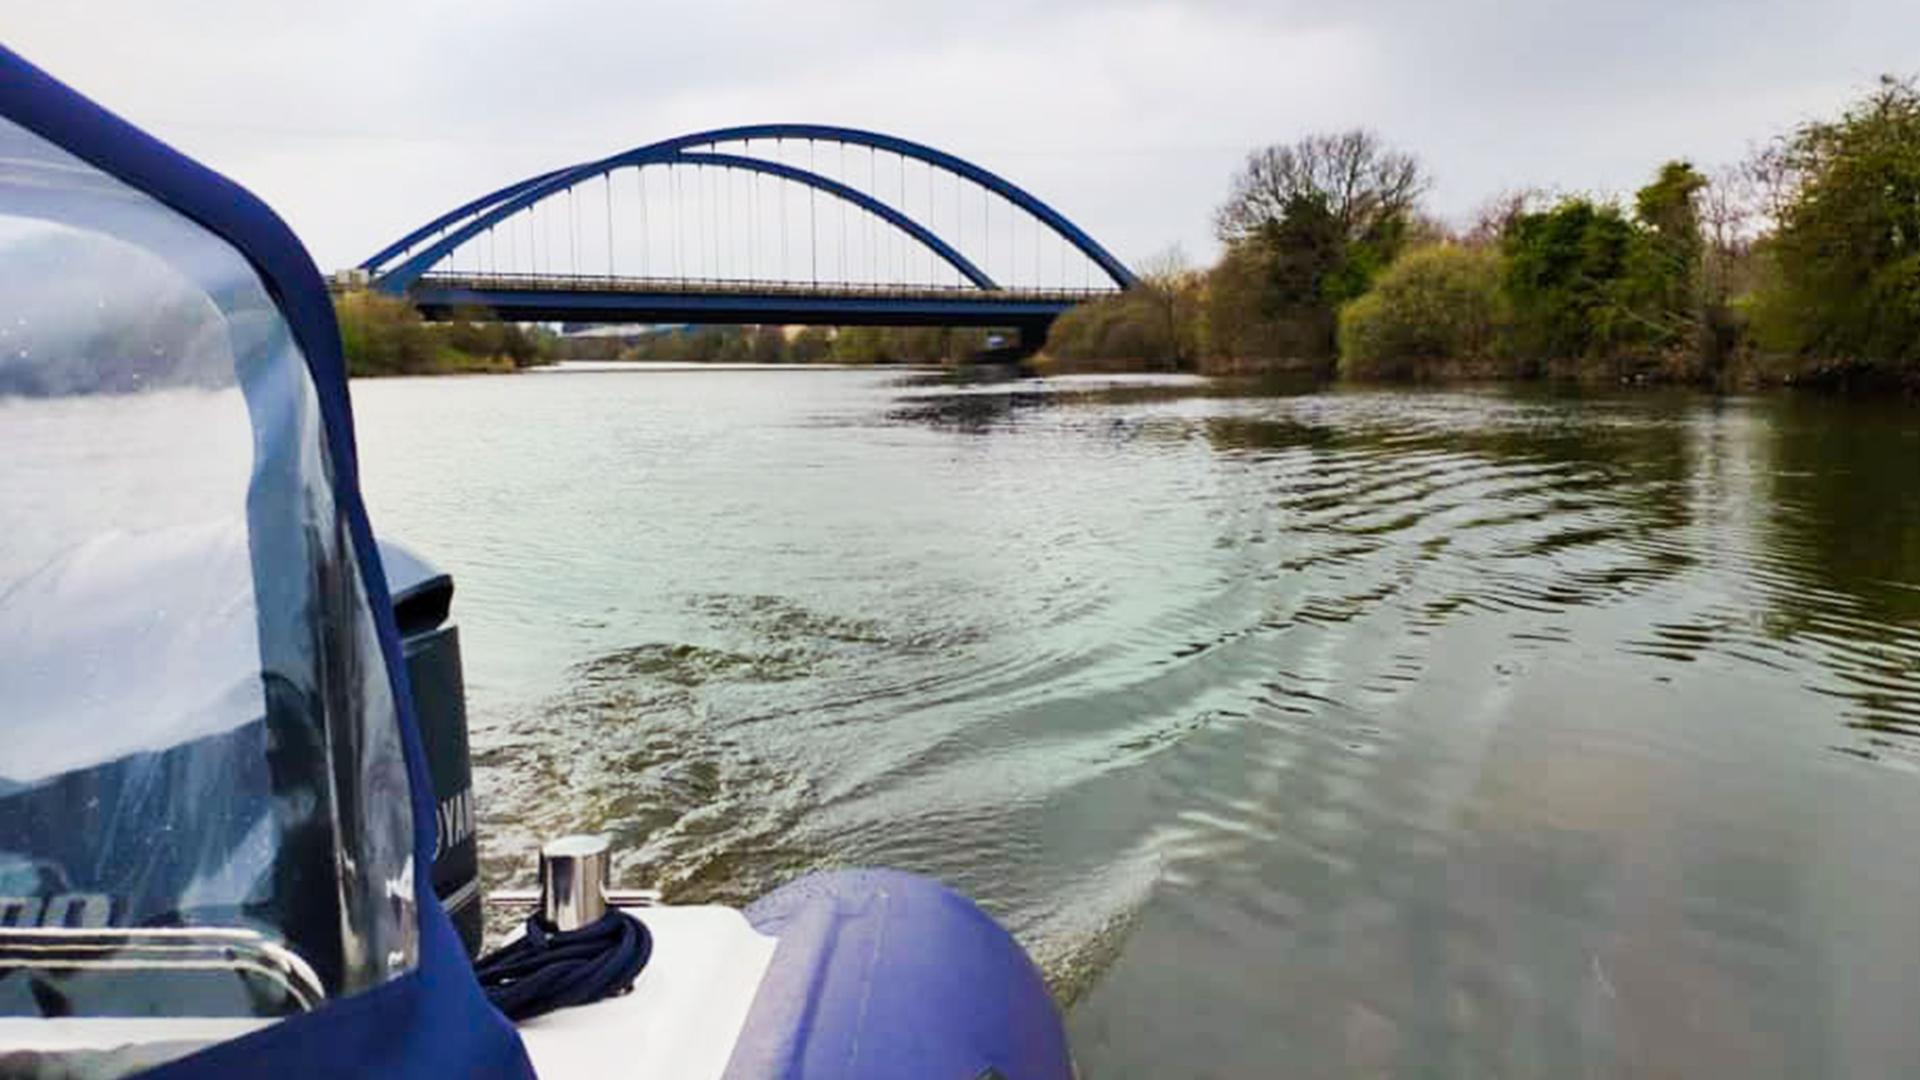 Blue Bridge at Toome